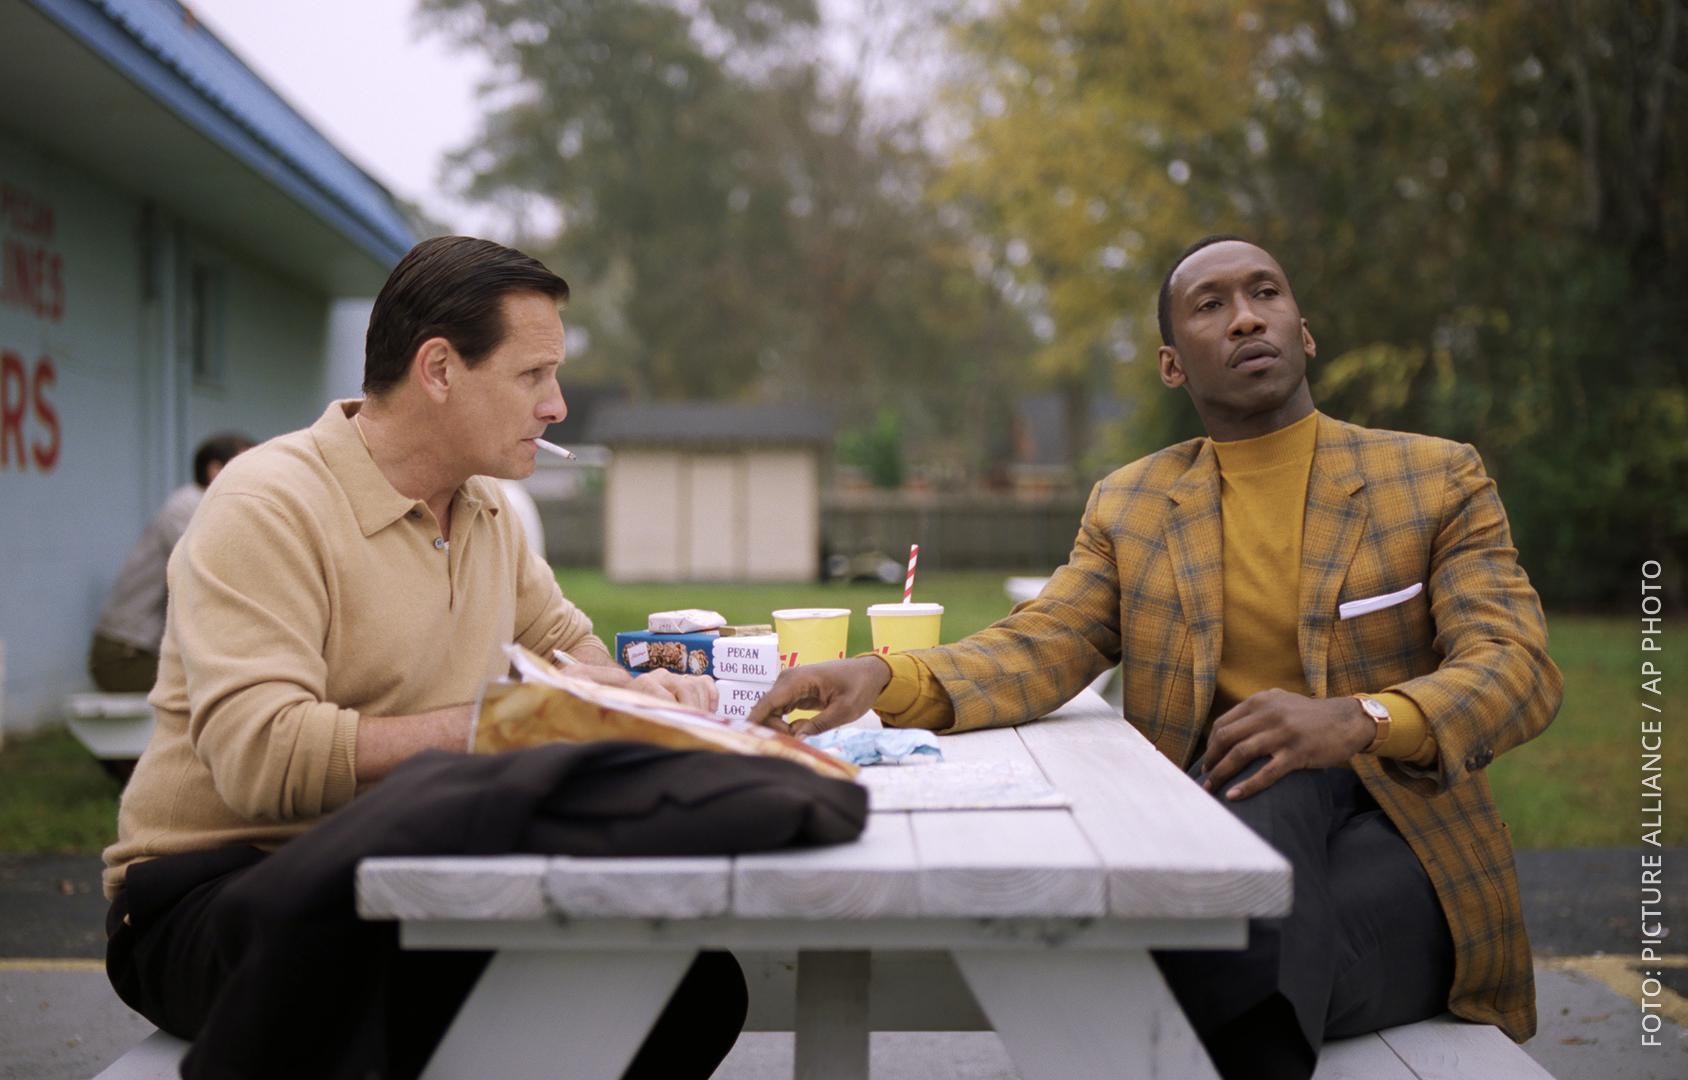 Szene aus dem Film Green Book. Beide Hauptdarsteller sitzen an einem Tisch